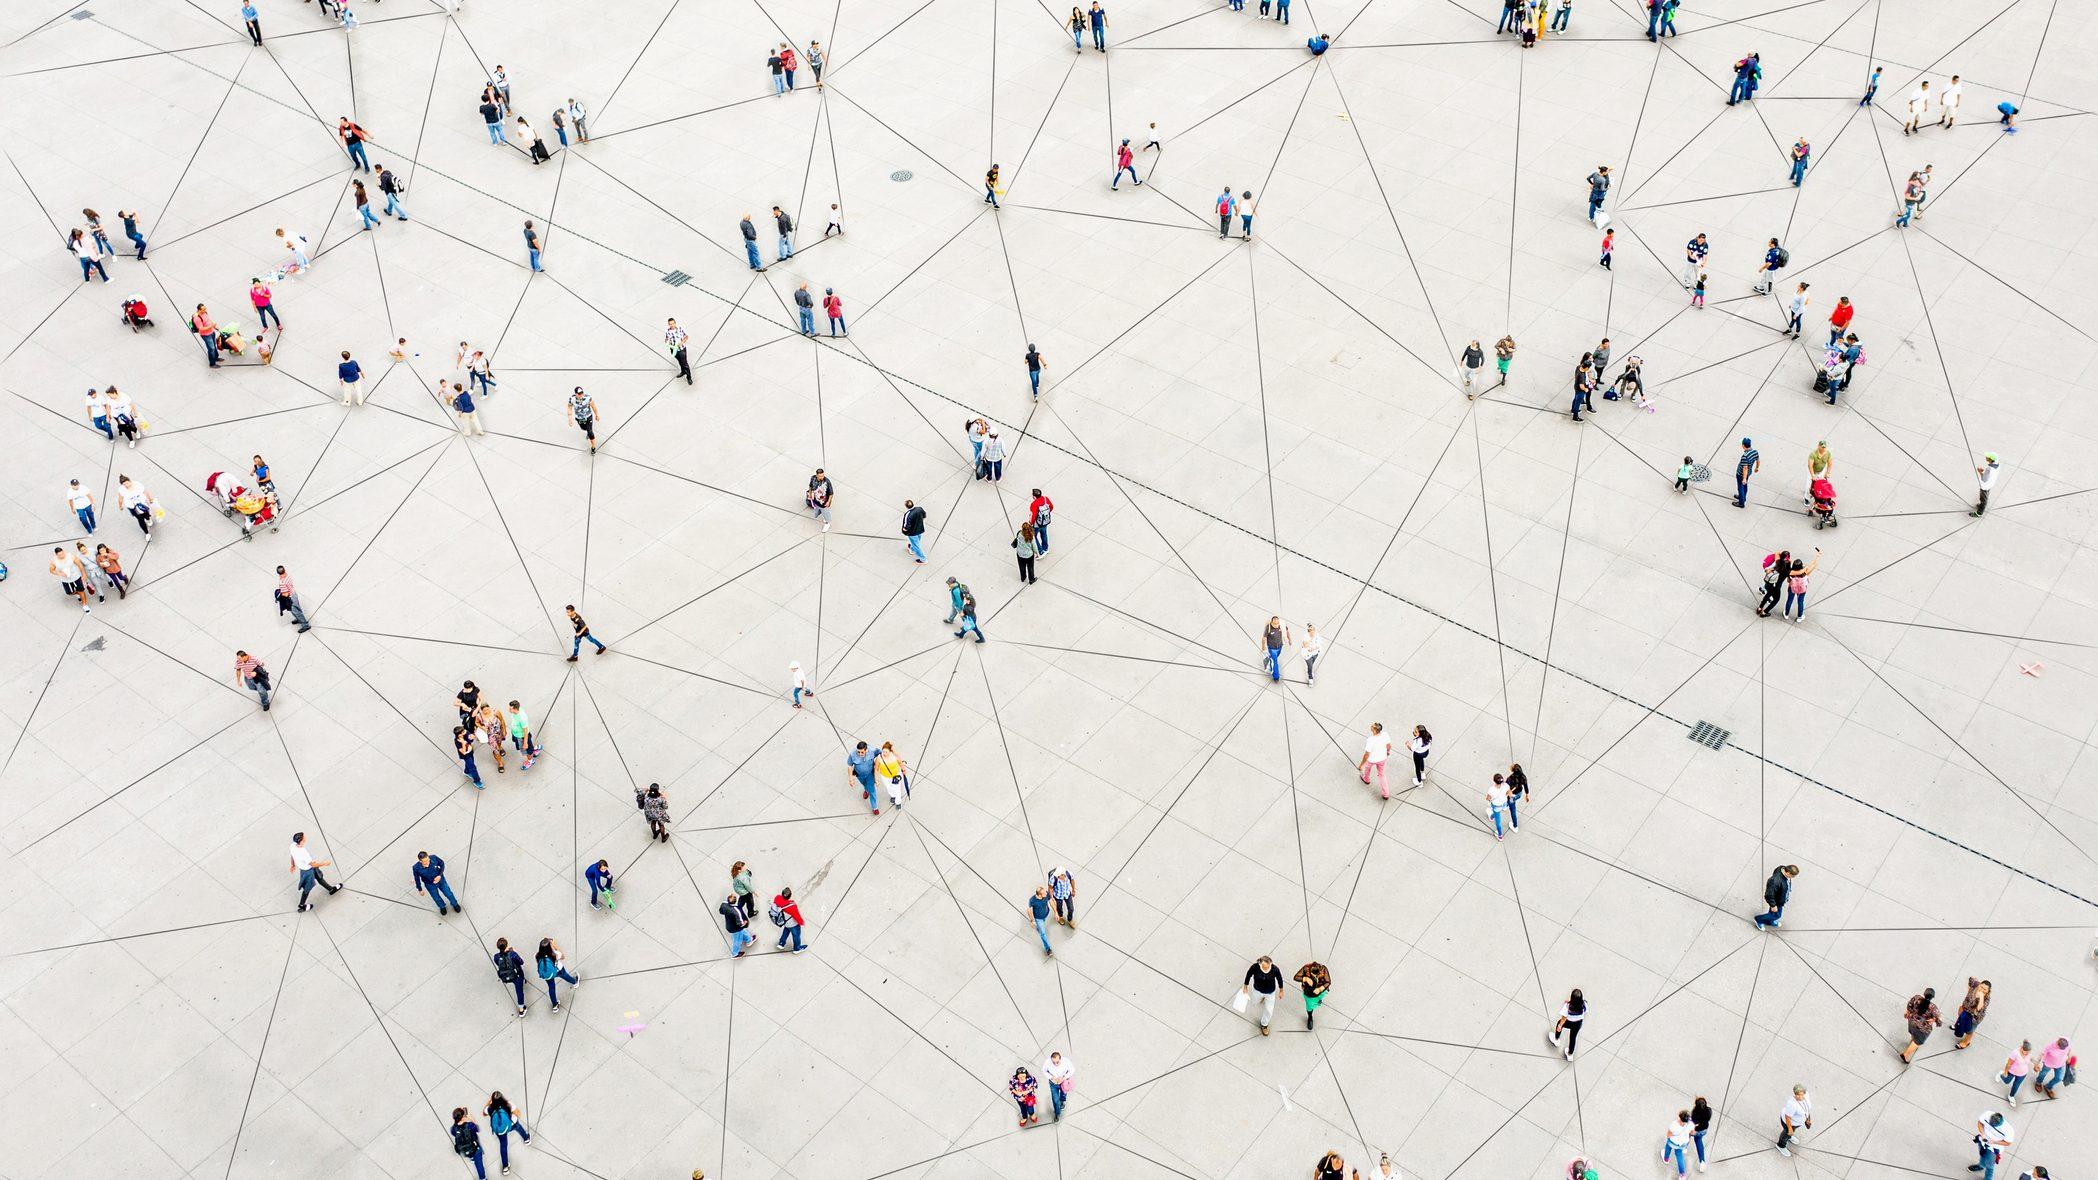 2022年まで社会的距離が必要? ハーバード大予測が意味すること